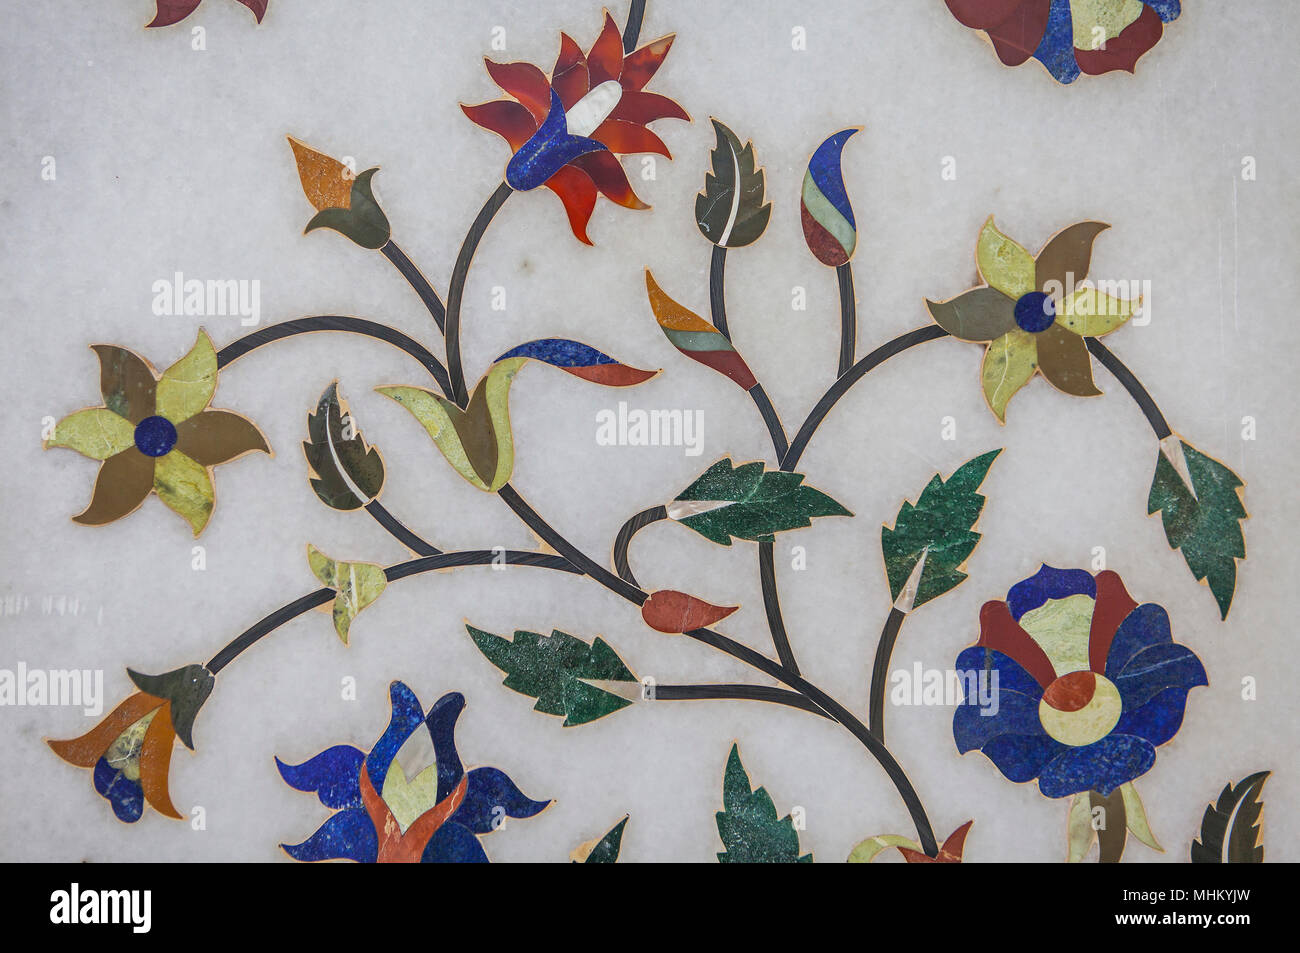 Pareti Doro : Dettaglio ornamento nelle pareti del tempio doro amritsar punjab